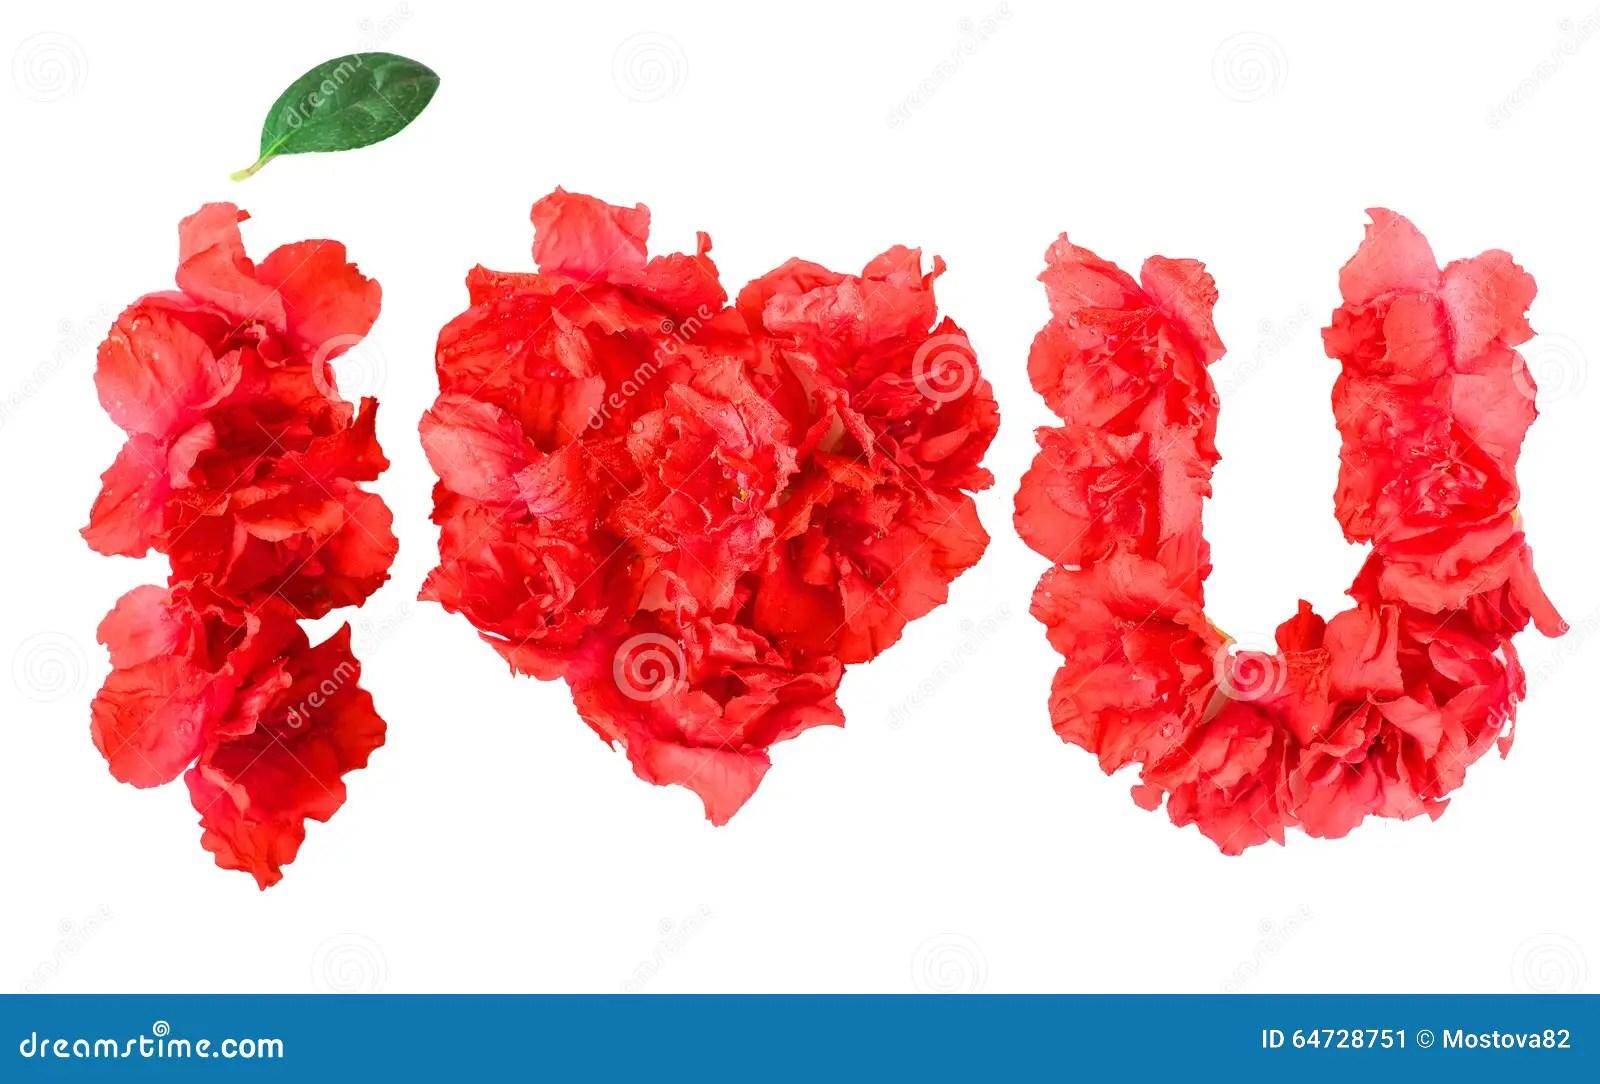 pattern of red azalea